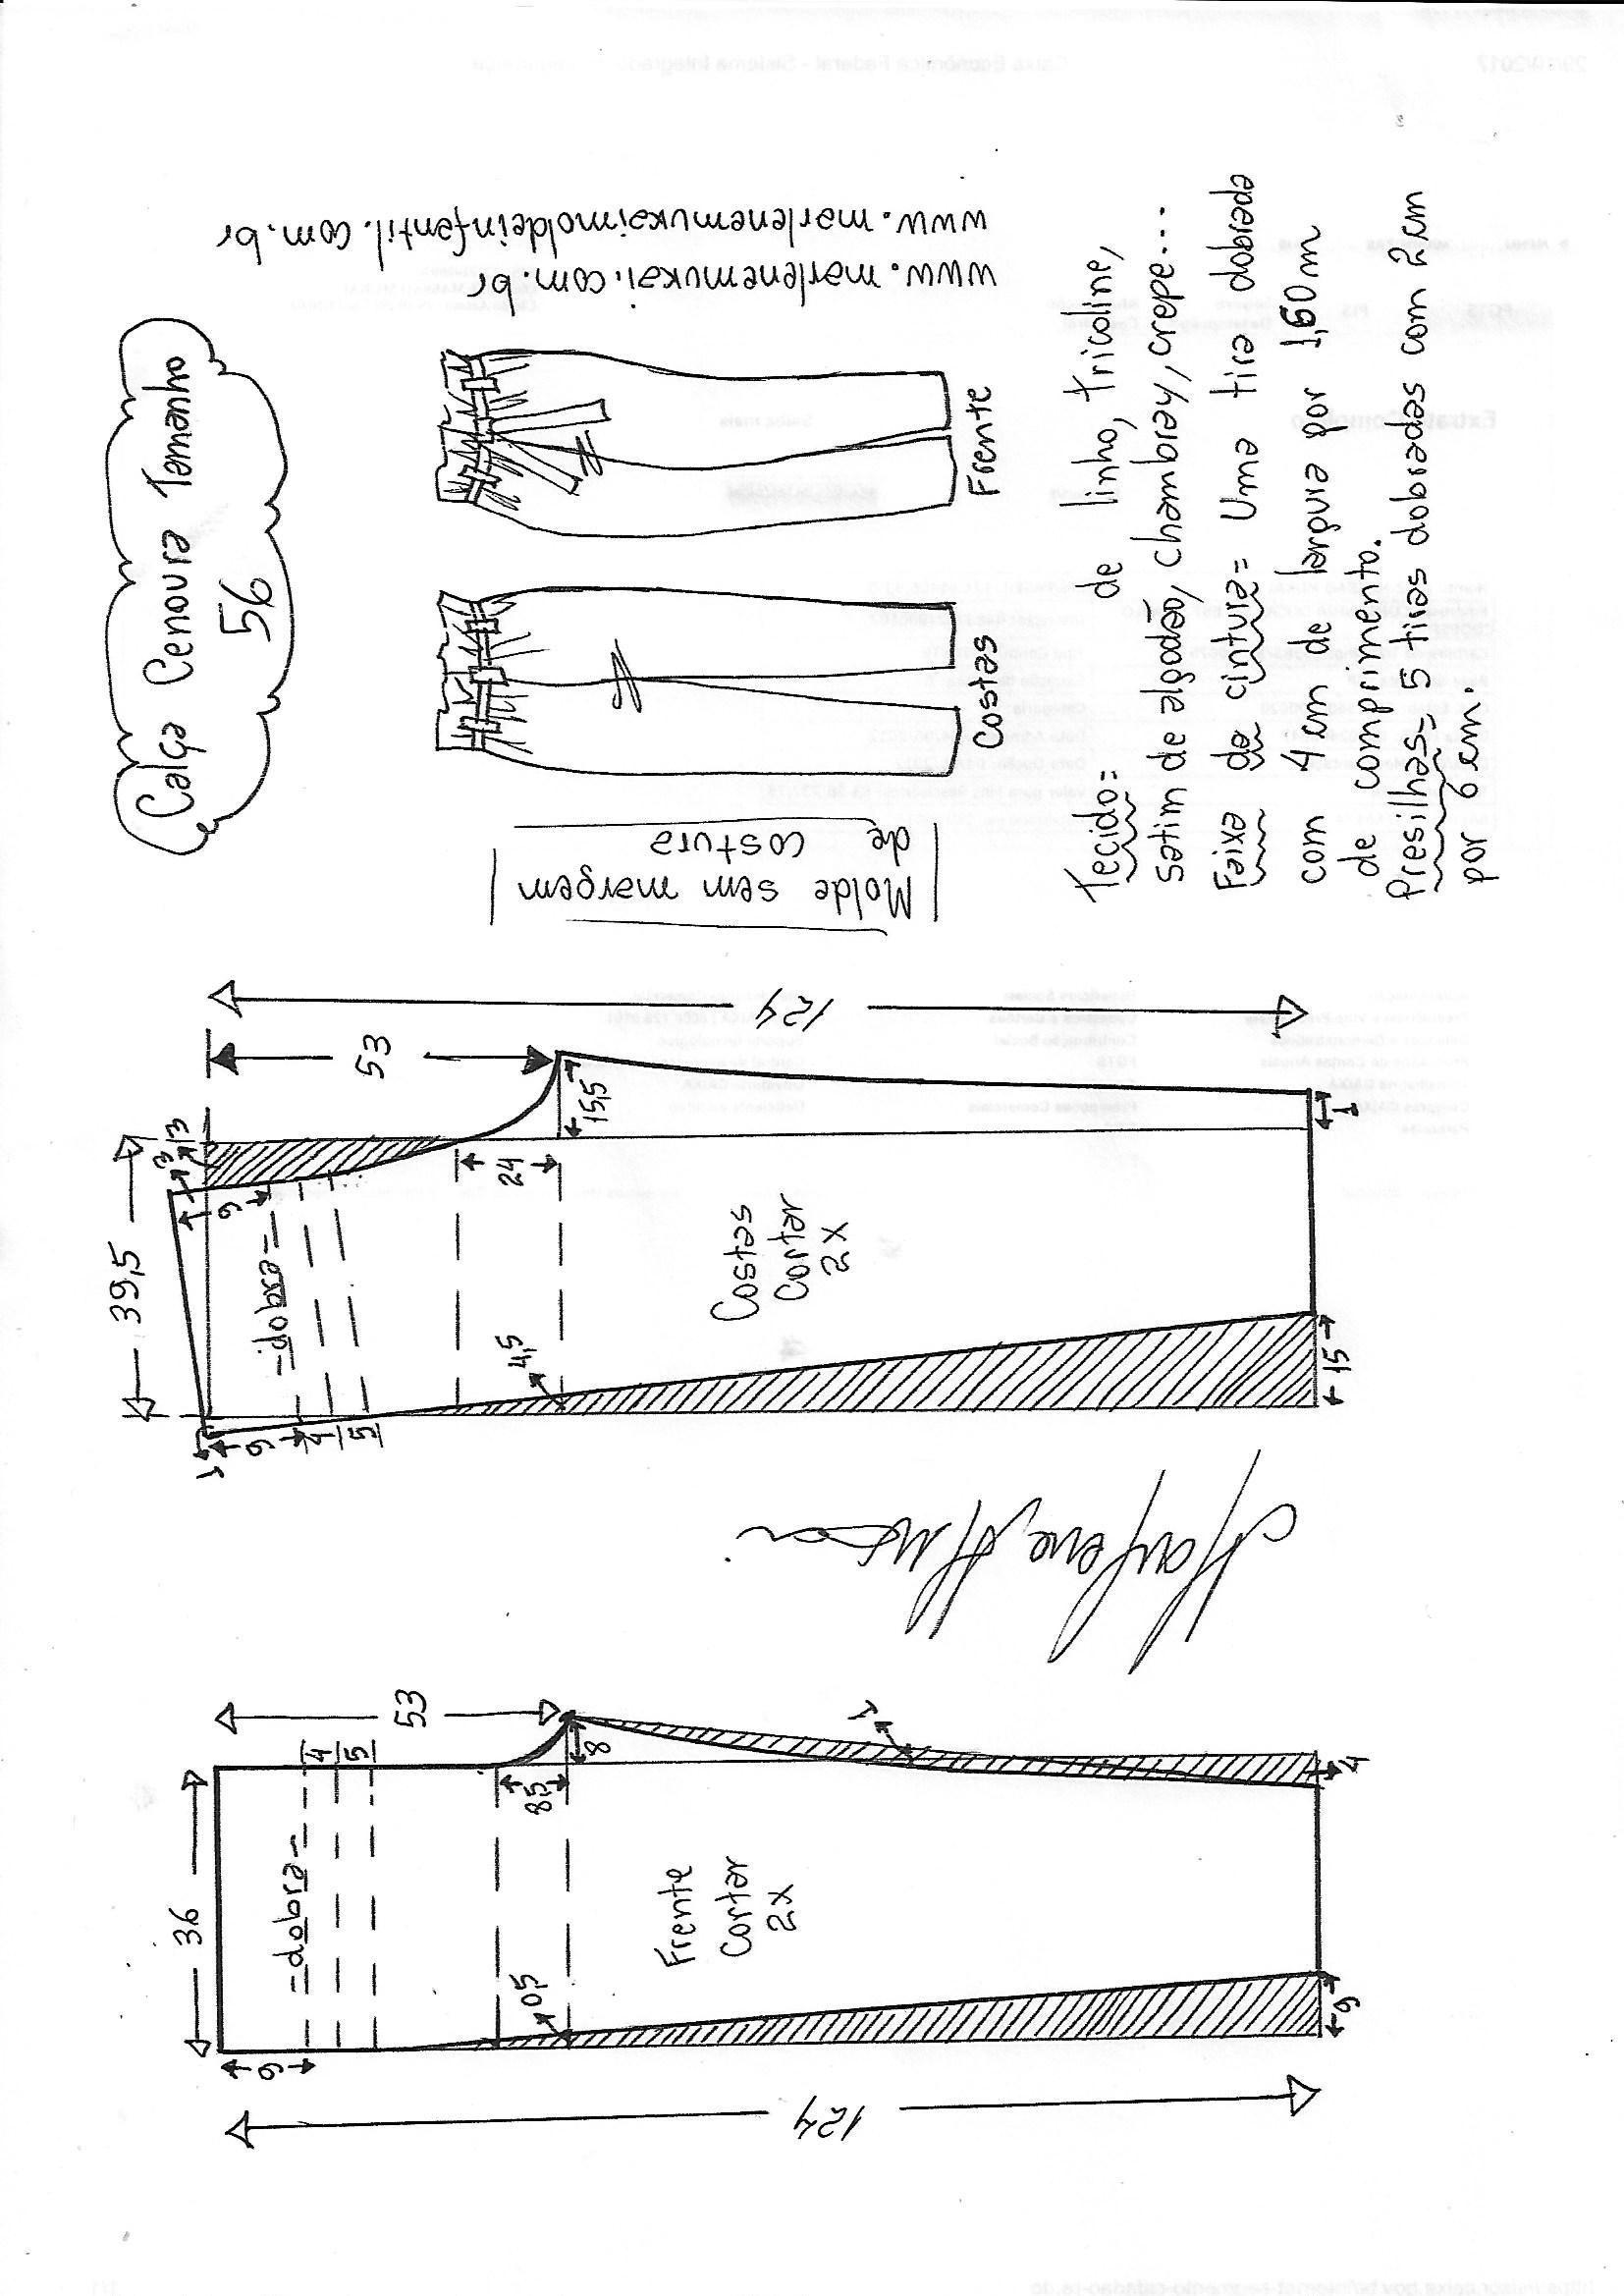 Pin de Sulay Manrique en confeccion | Pinterest | Costura, Patrones ...